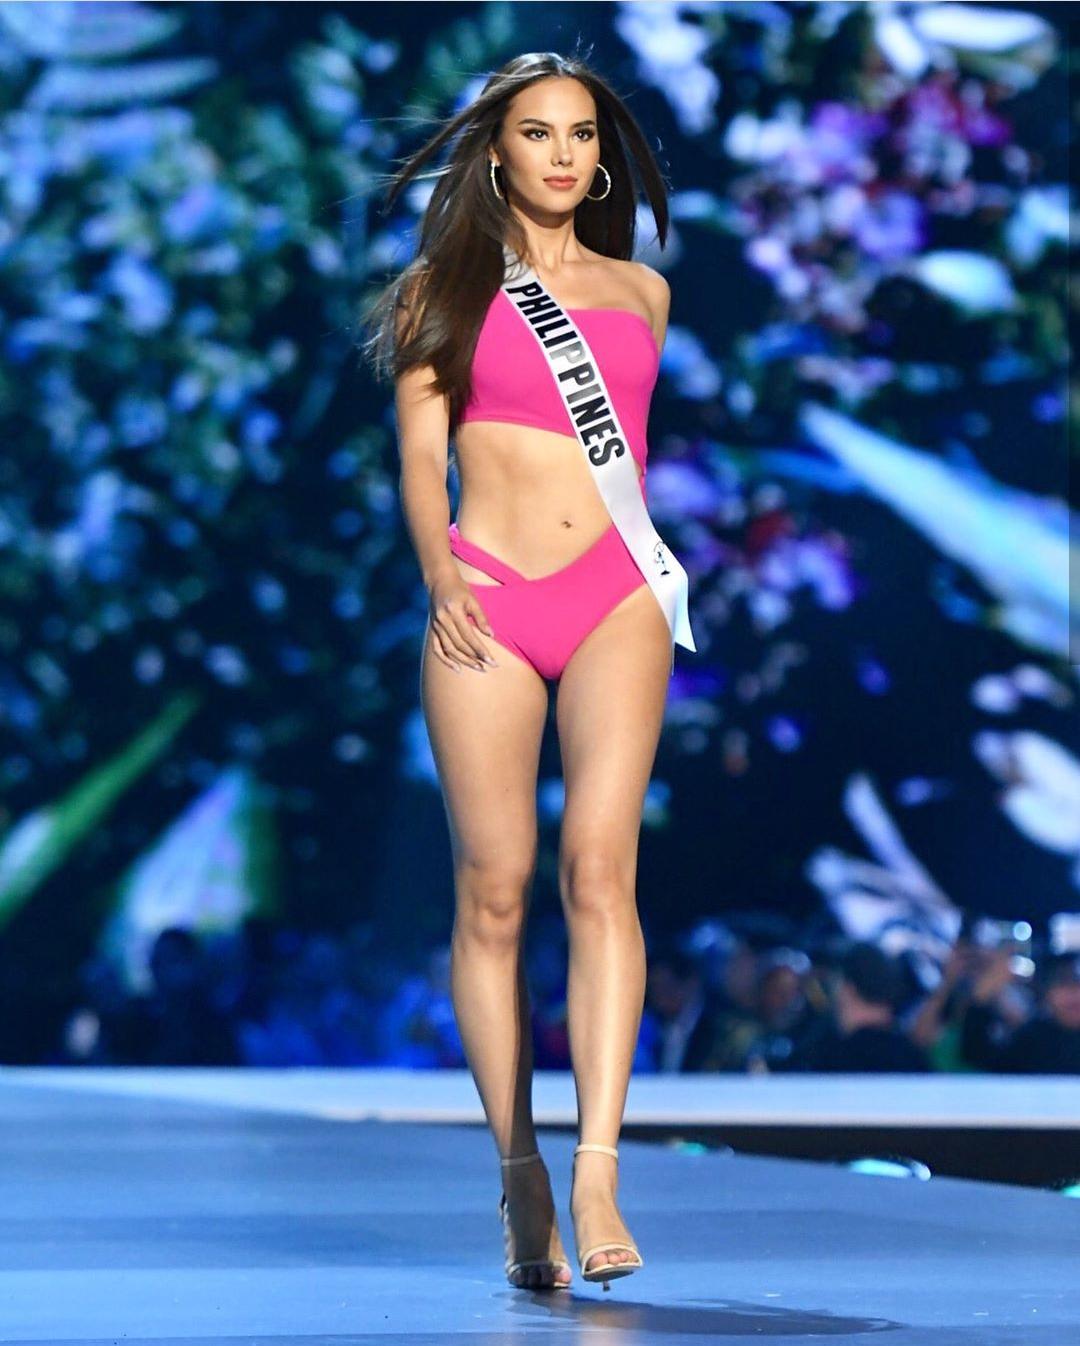 Nhan sắc lai đẹp rực rỡ của Tân Hoa hậu Hoàn vũ 2018 và loạt thành tích khủng trên hành trình đoạt được vương miện-5